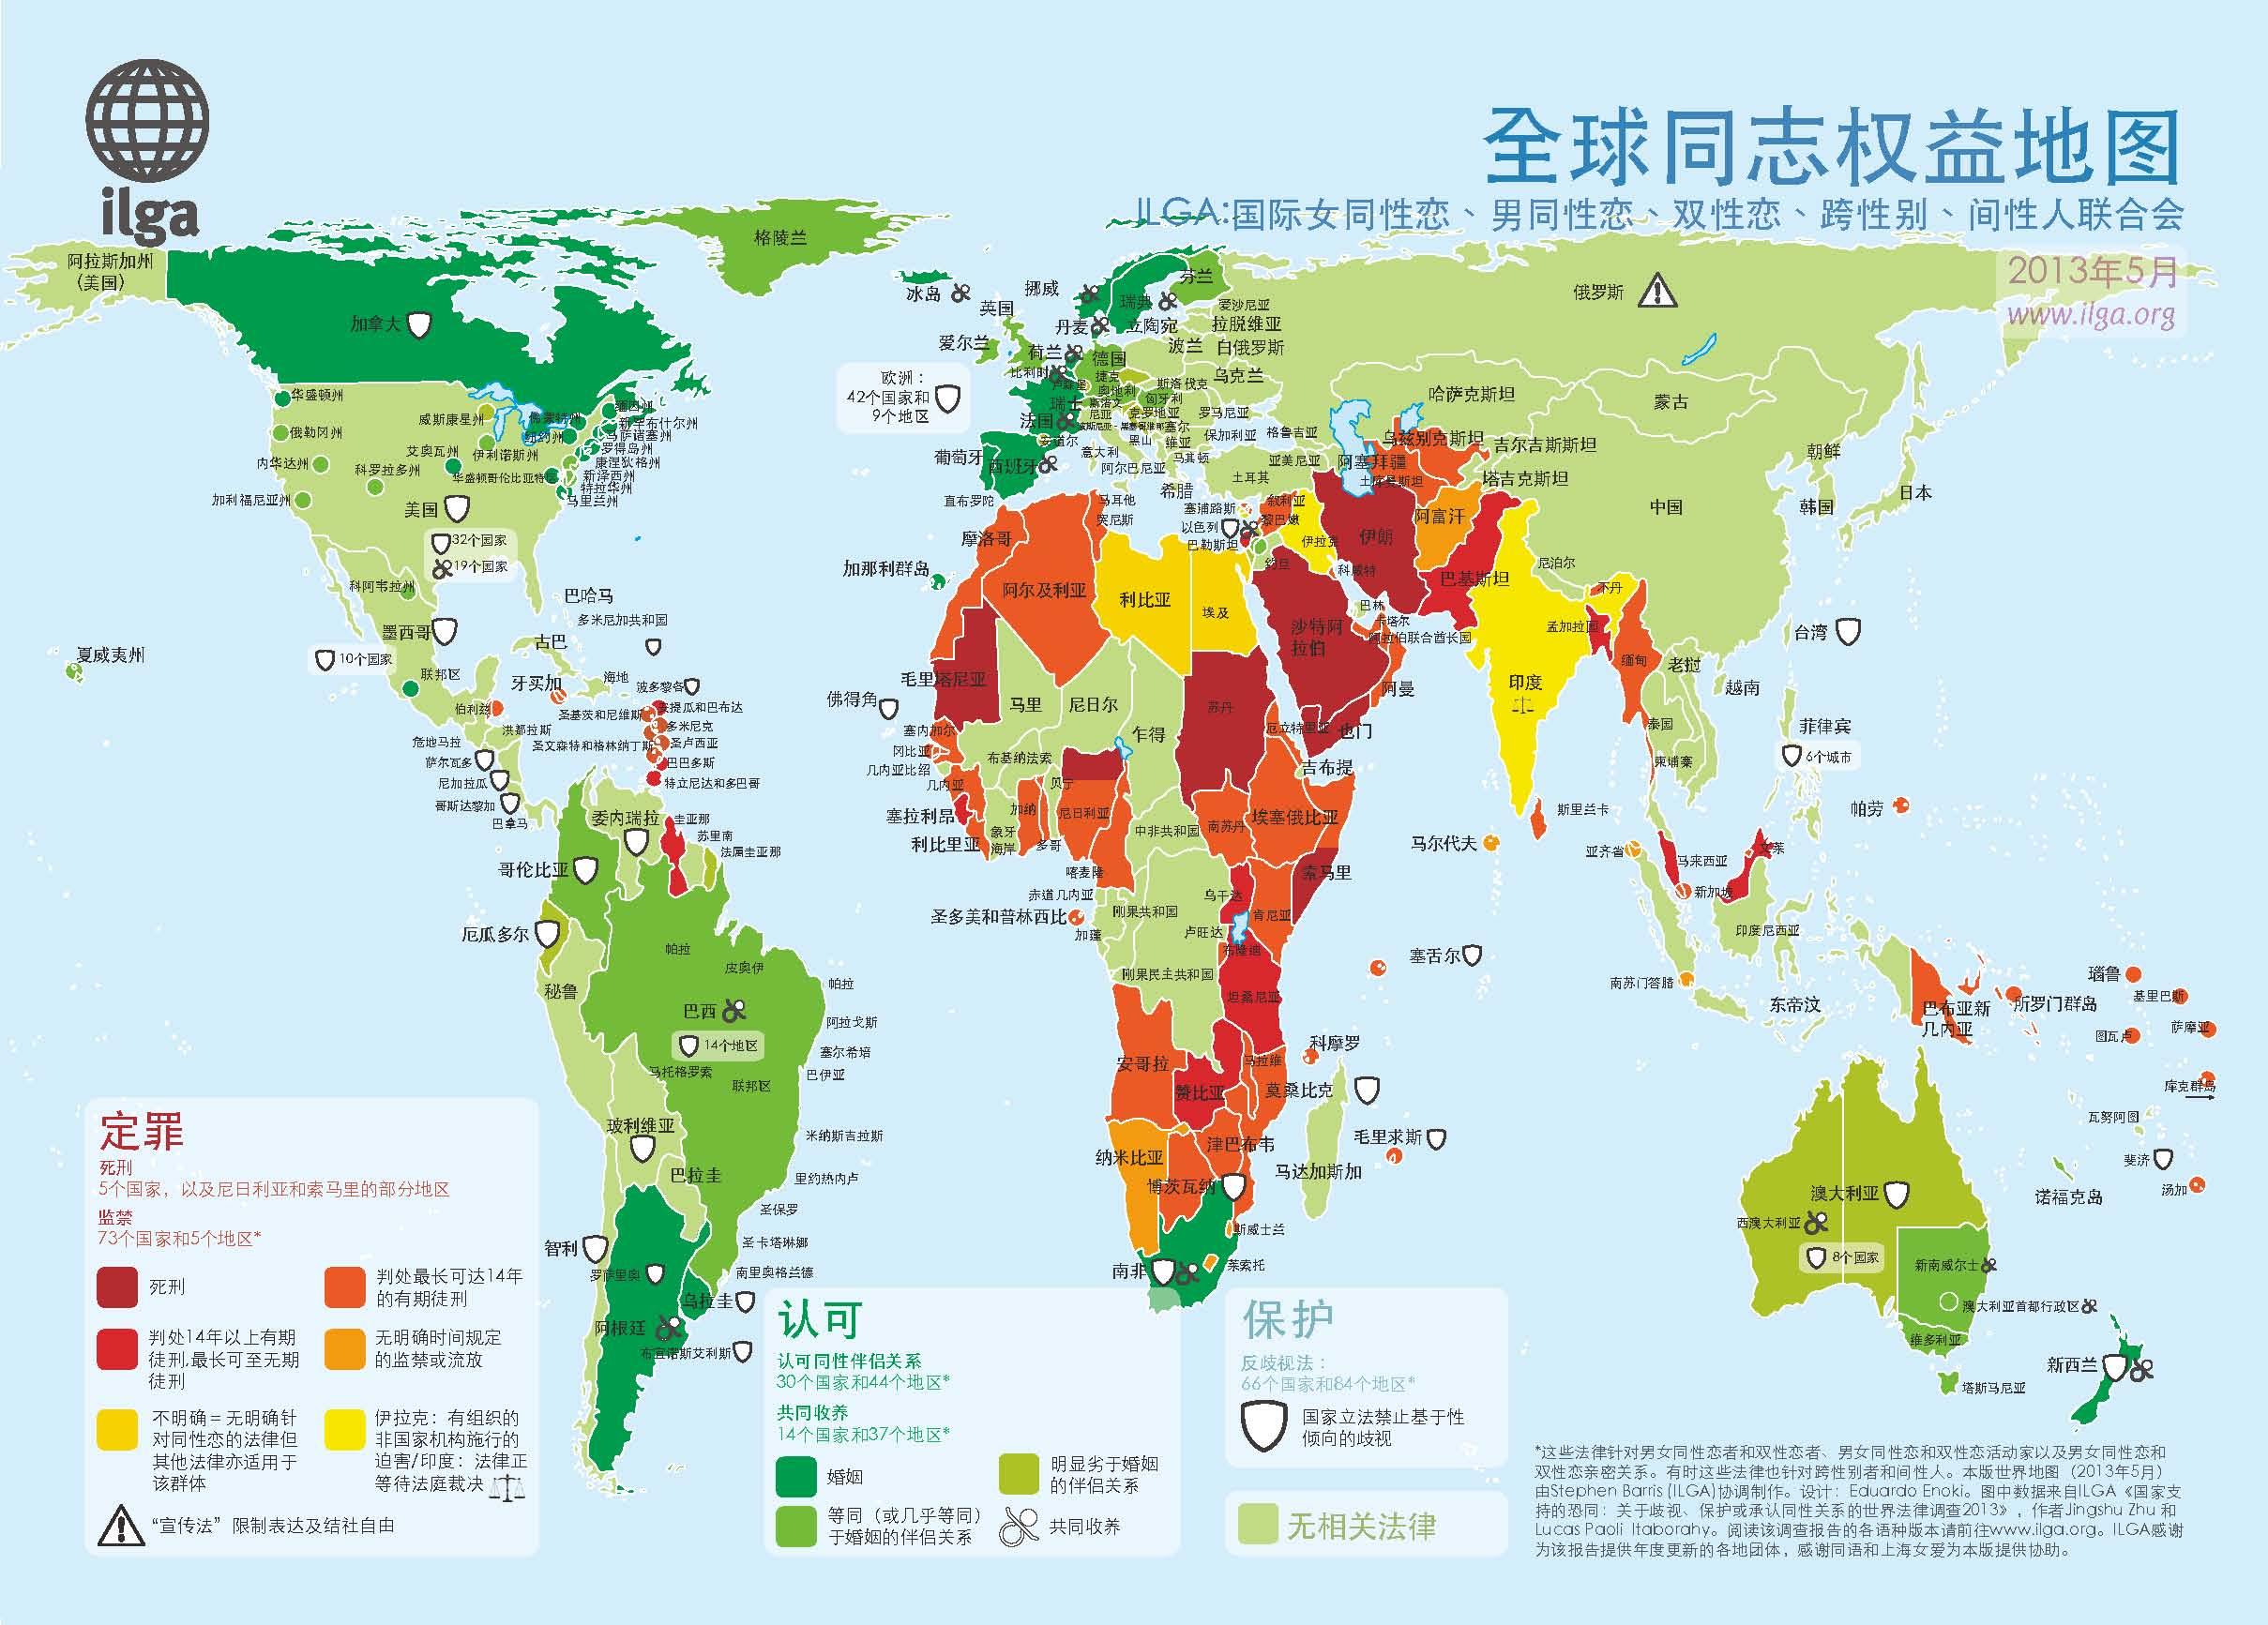 全球资讯_桔子报:全球同志权益资讯 - 知识手册 - 同语